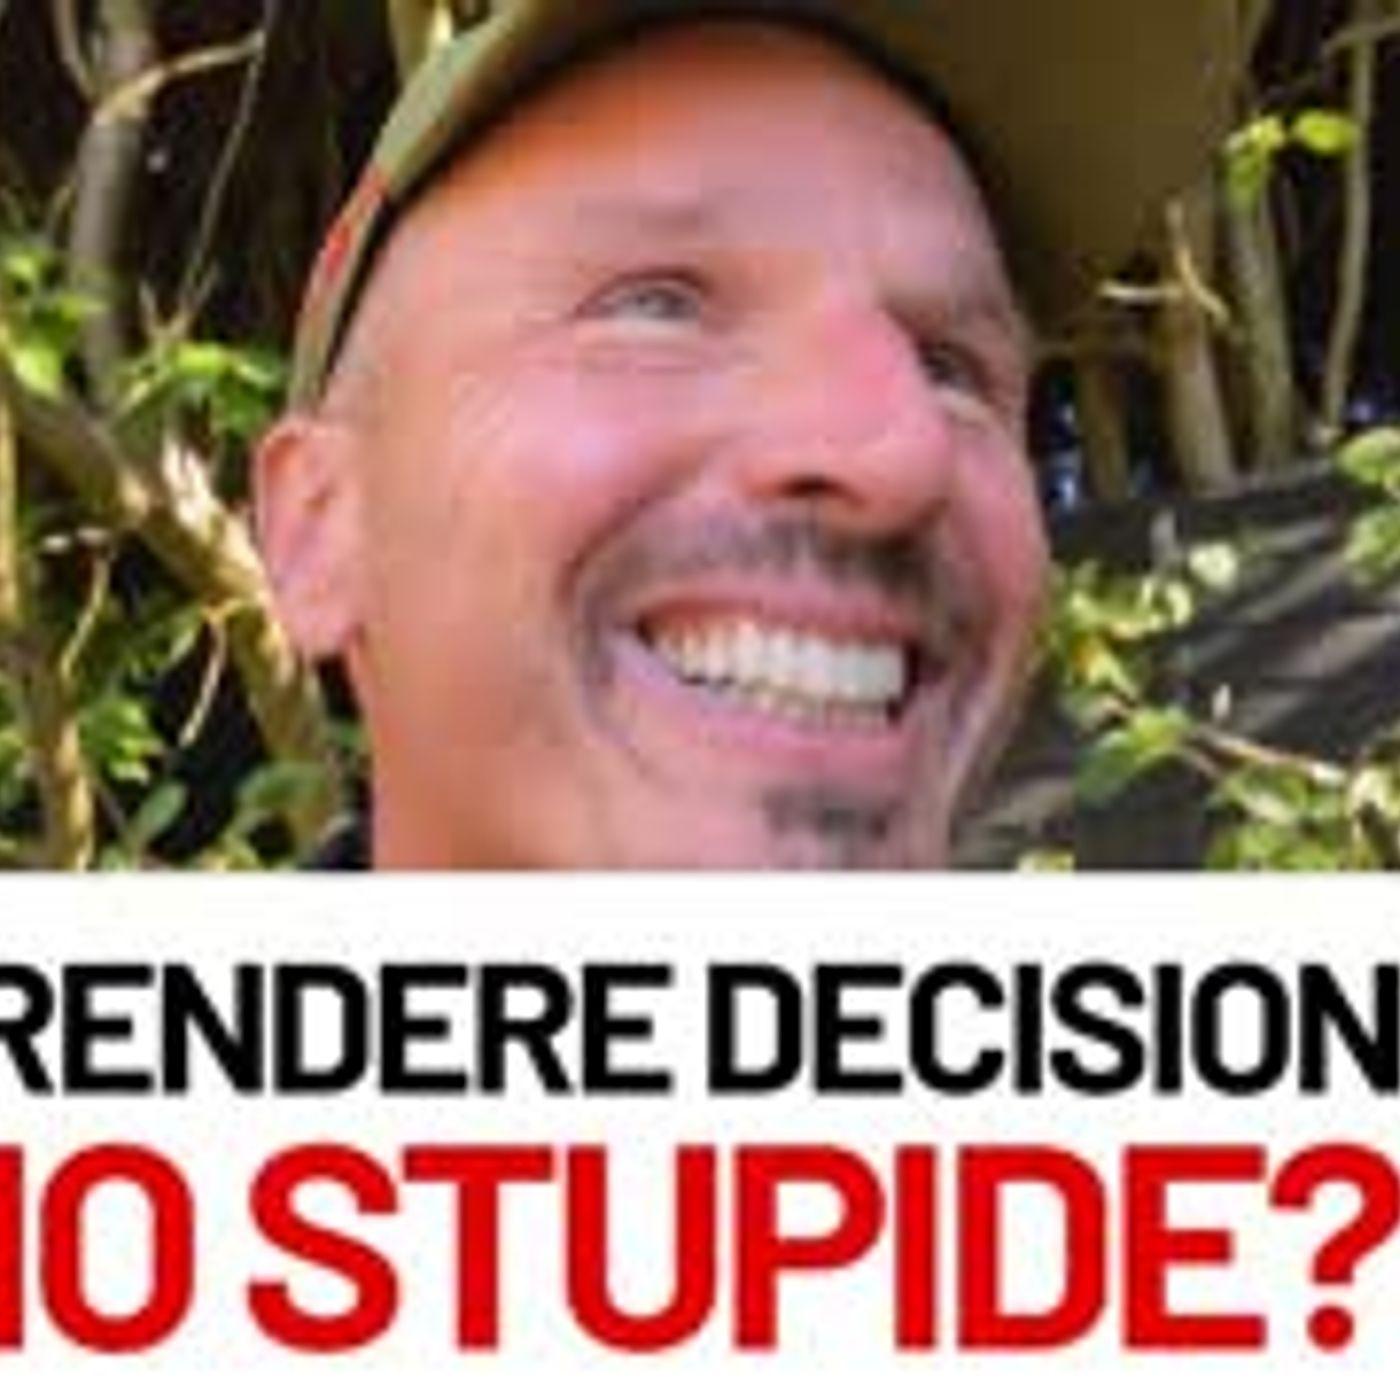 ... Ma prendere decisioni meno stupide?